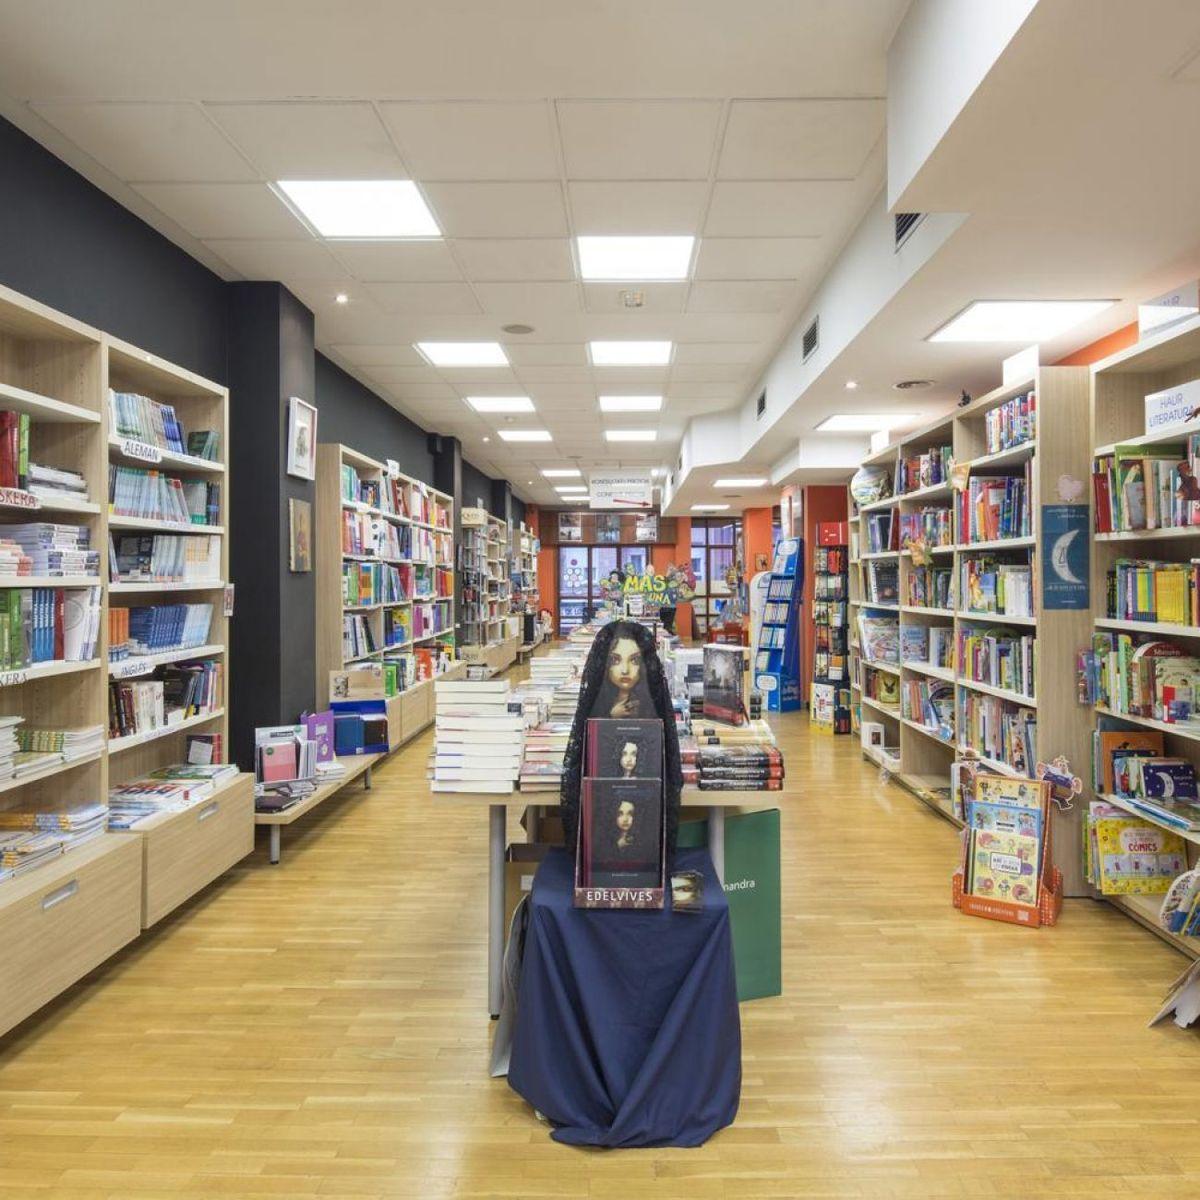 4134-la-libreria-de-deusto-02